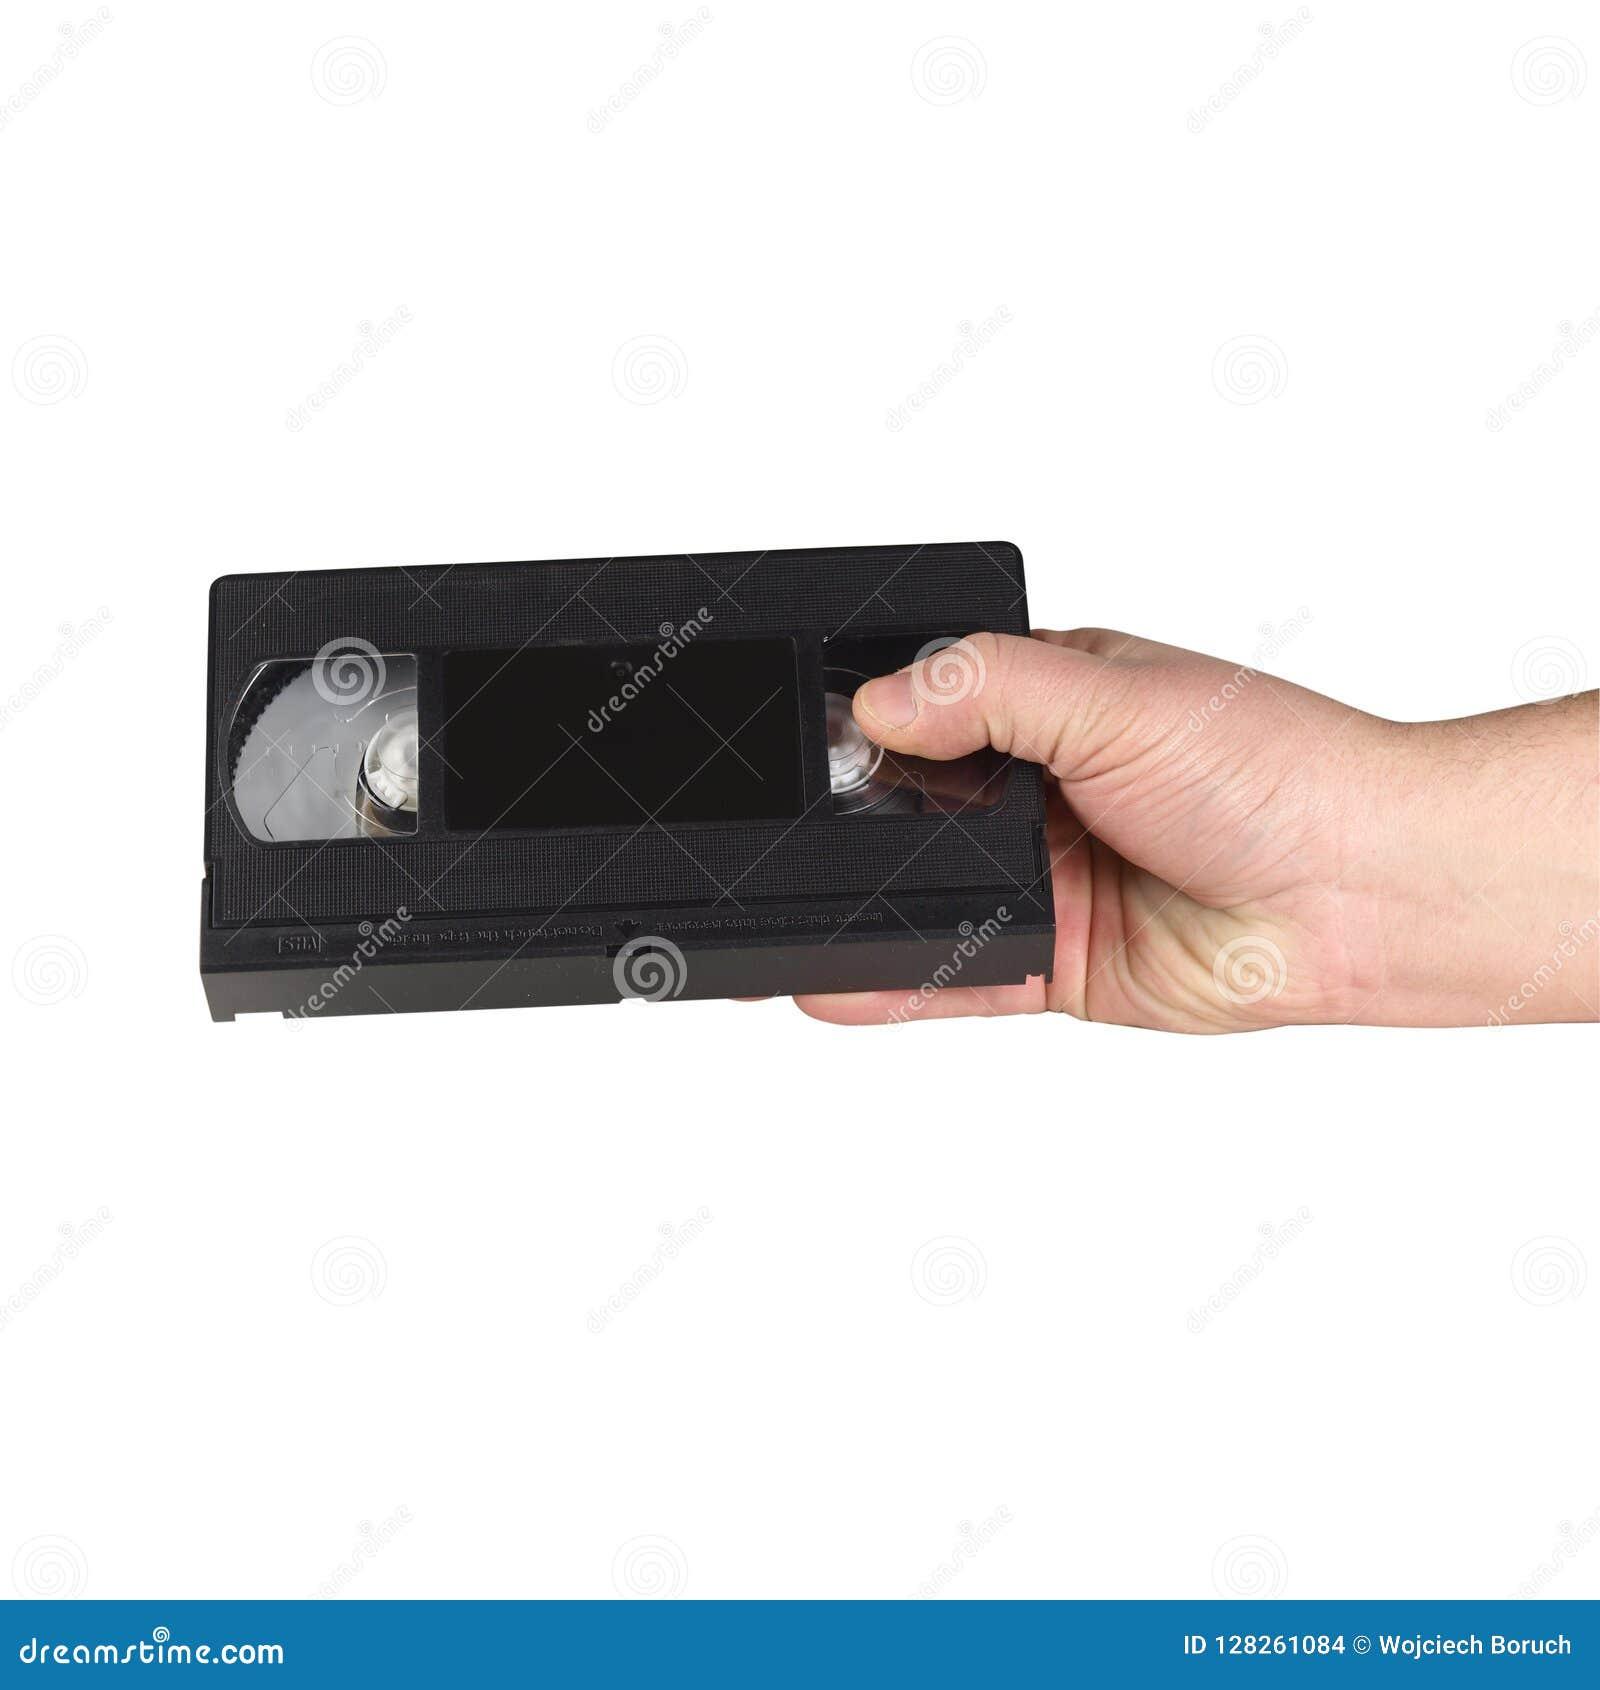 Old vhs cassette